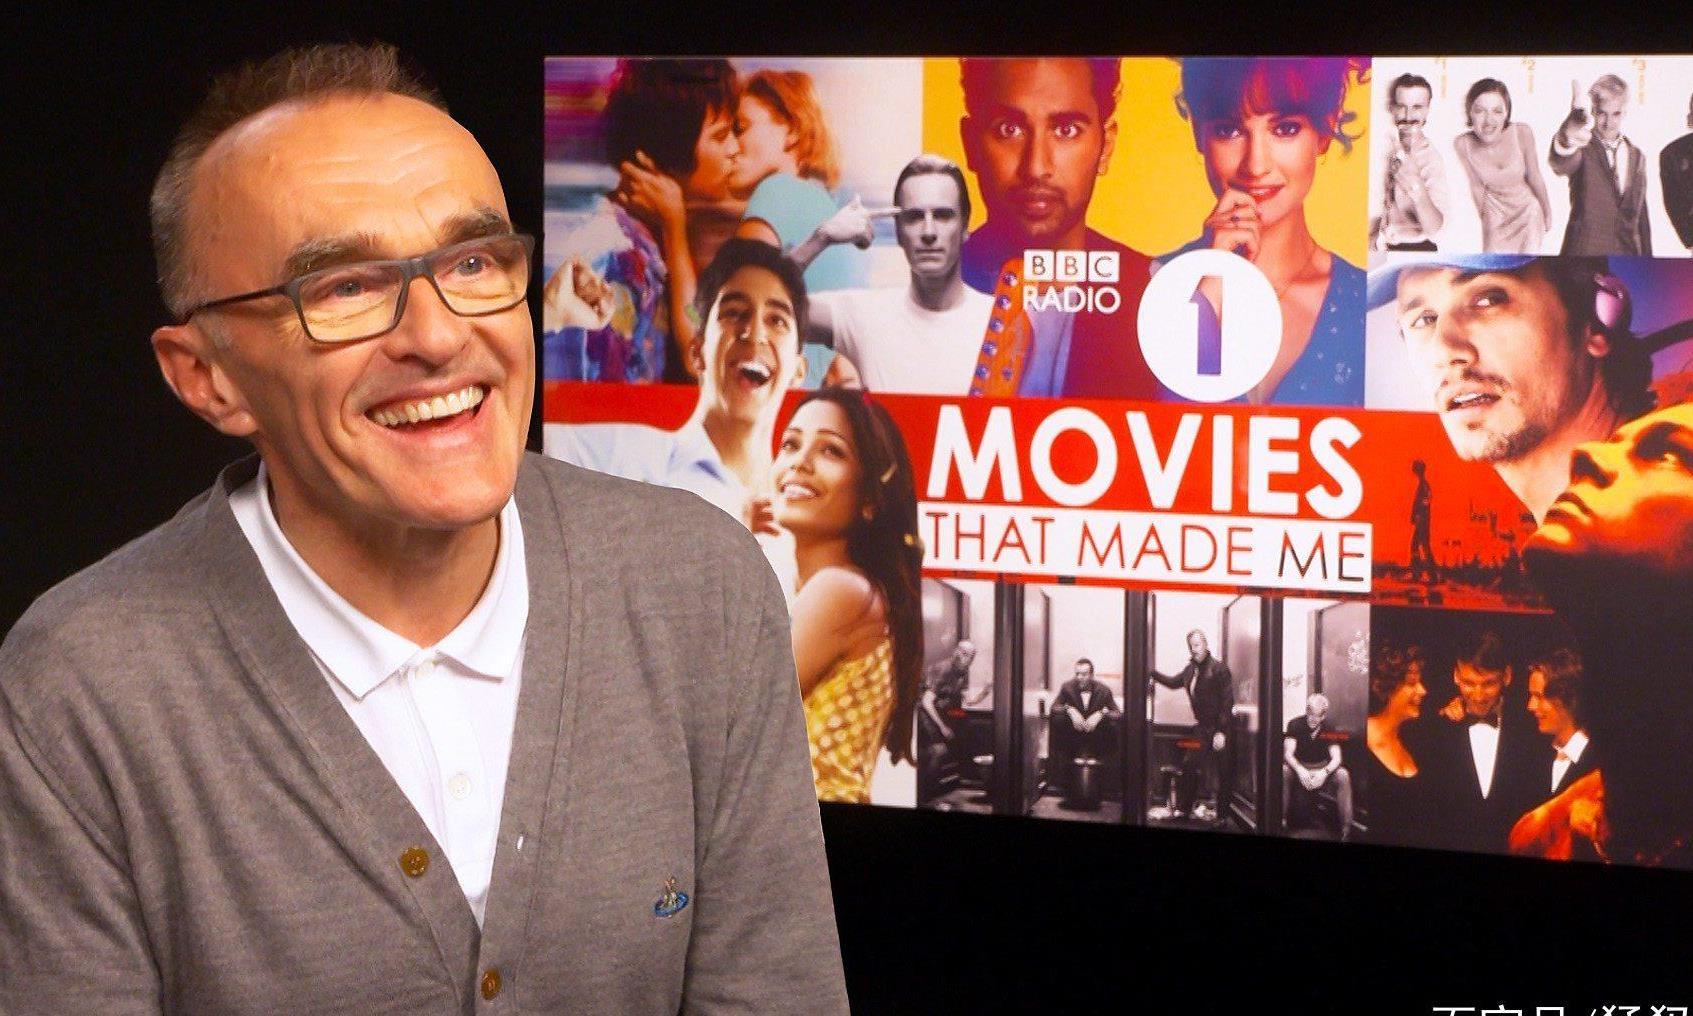 造就我的电影:《猜火车》导演丹尼·博伊尔「纪录片」